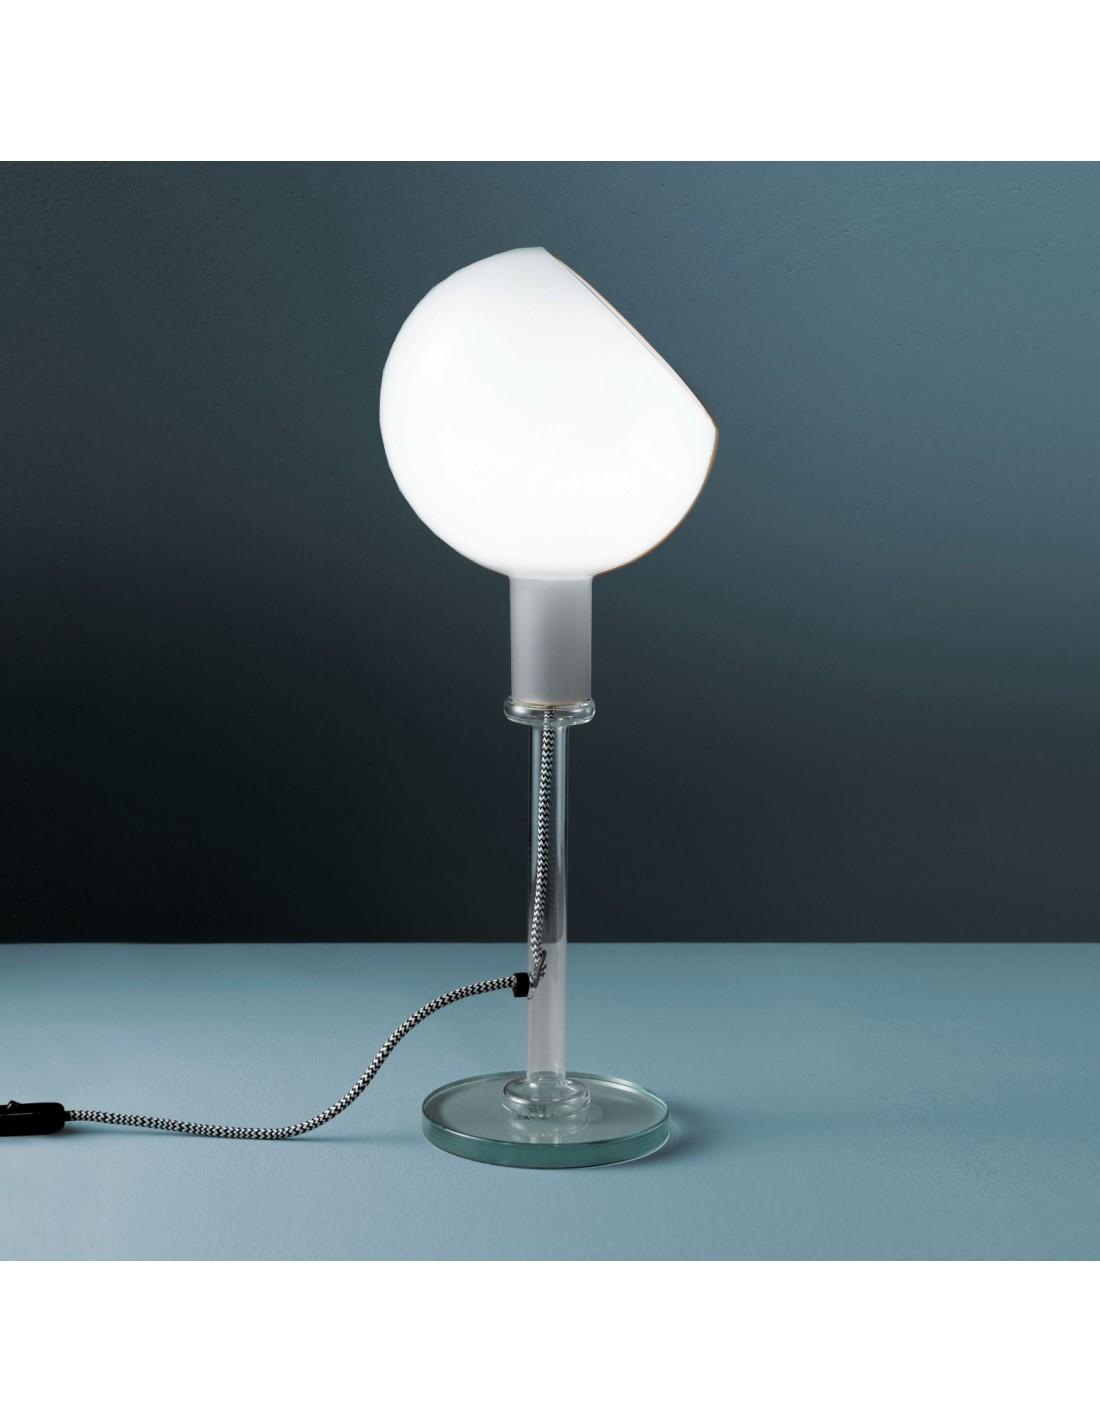 Lampe poser parola transparente for Lampe a poser transparente